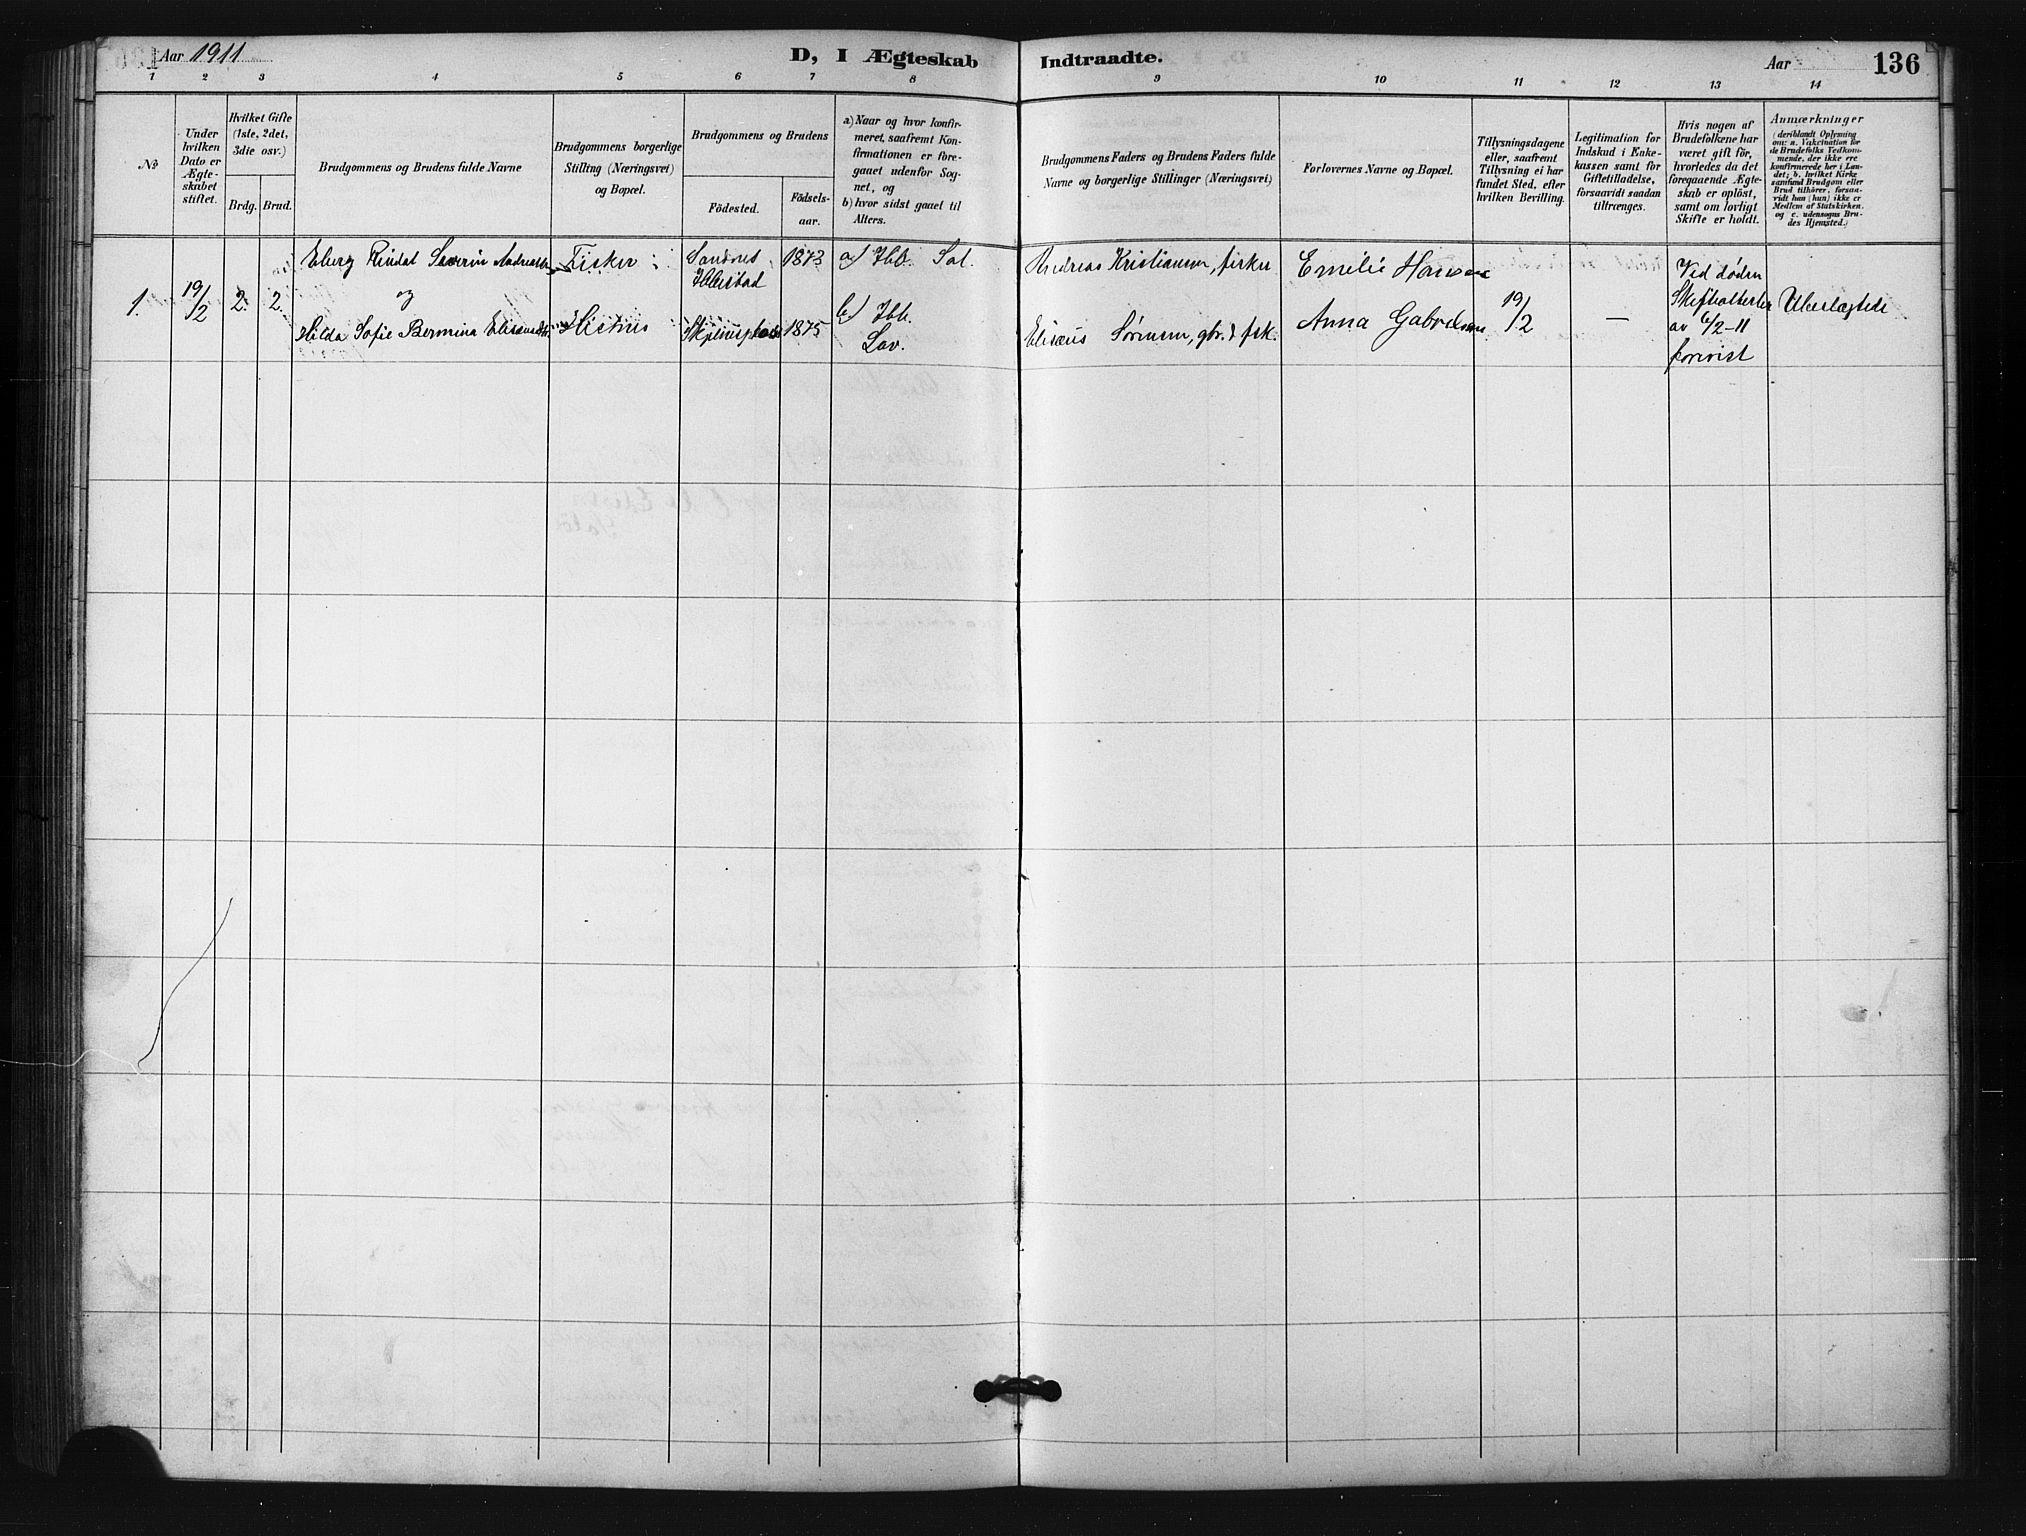 SATØ, Salangen sokneprestembete, H/Ha/L0001klokker: Klokkerbok nr. 1, 1893-1910, s. 136